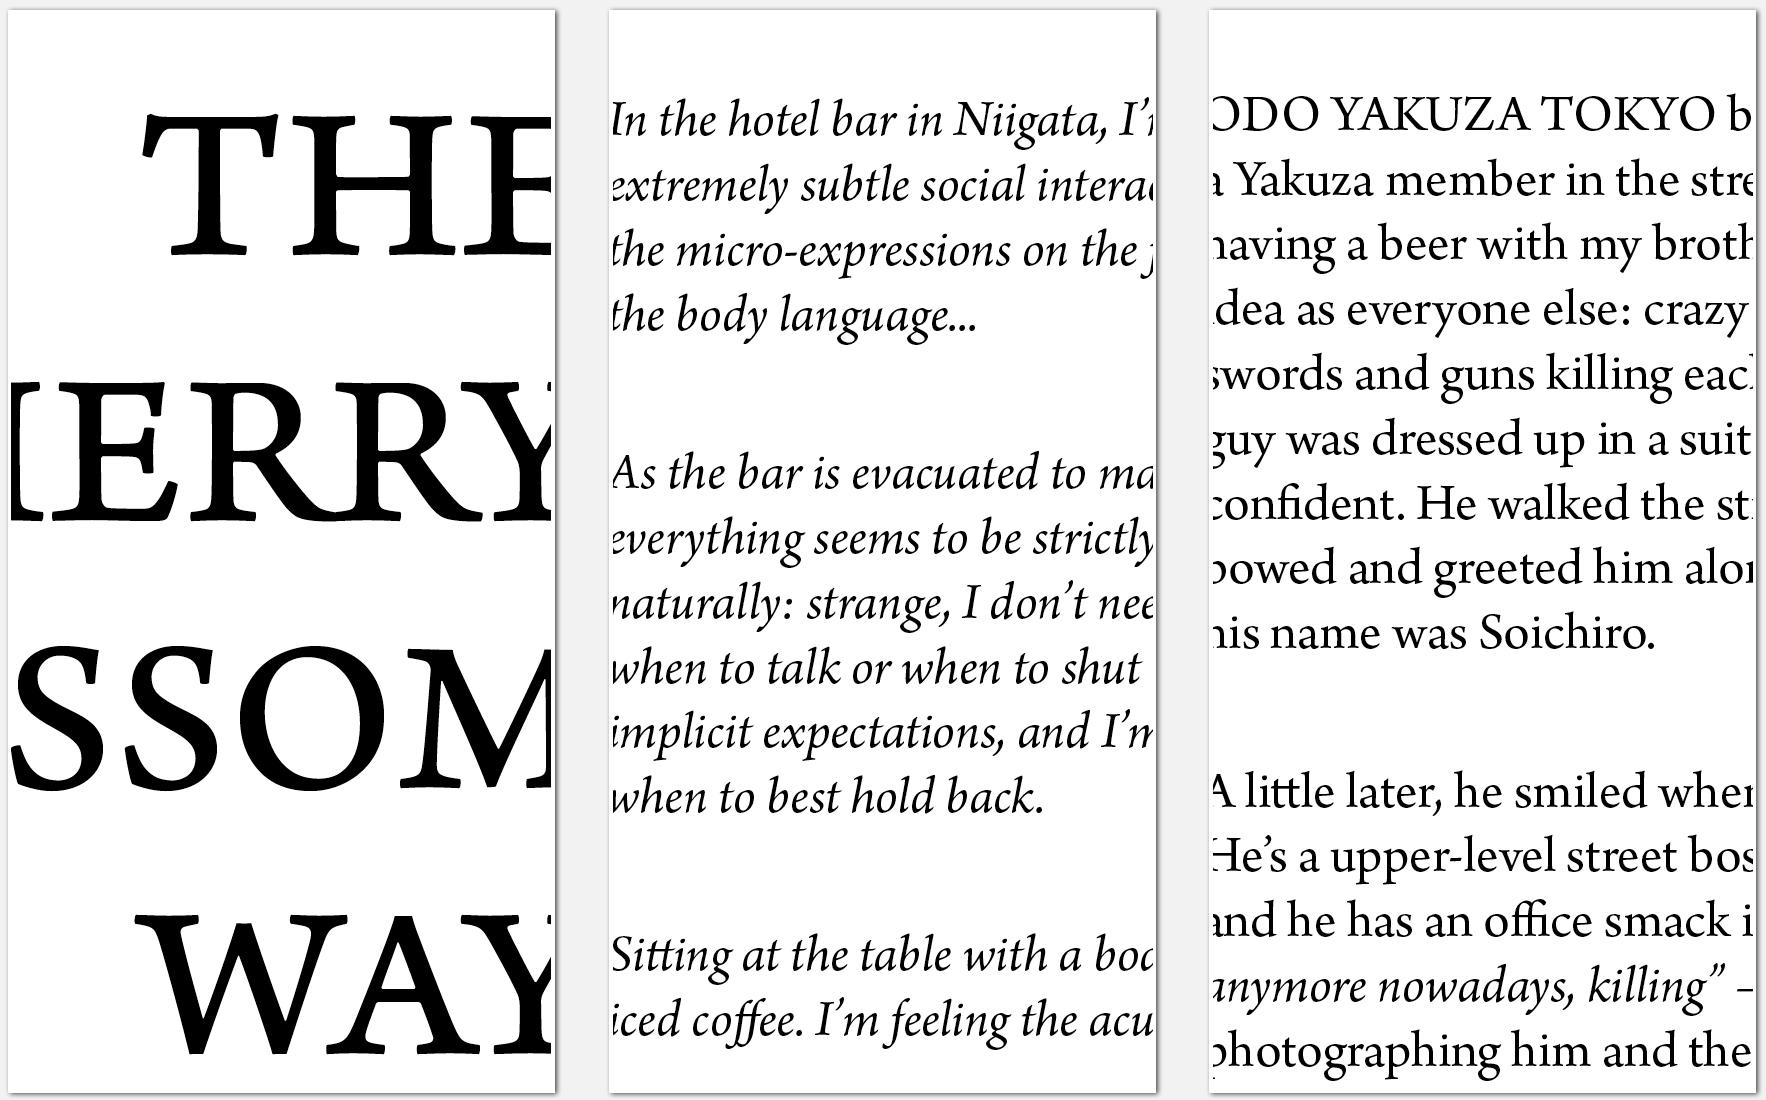 ODO YAKUZA TOKYO - typefaces